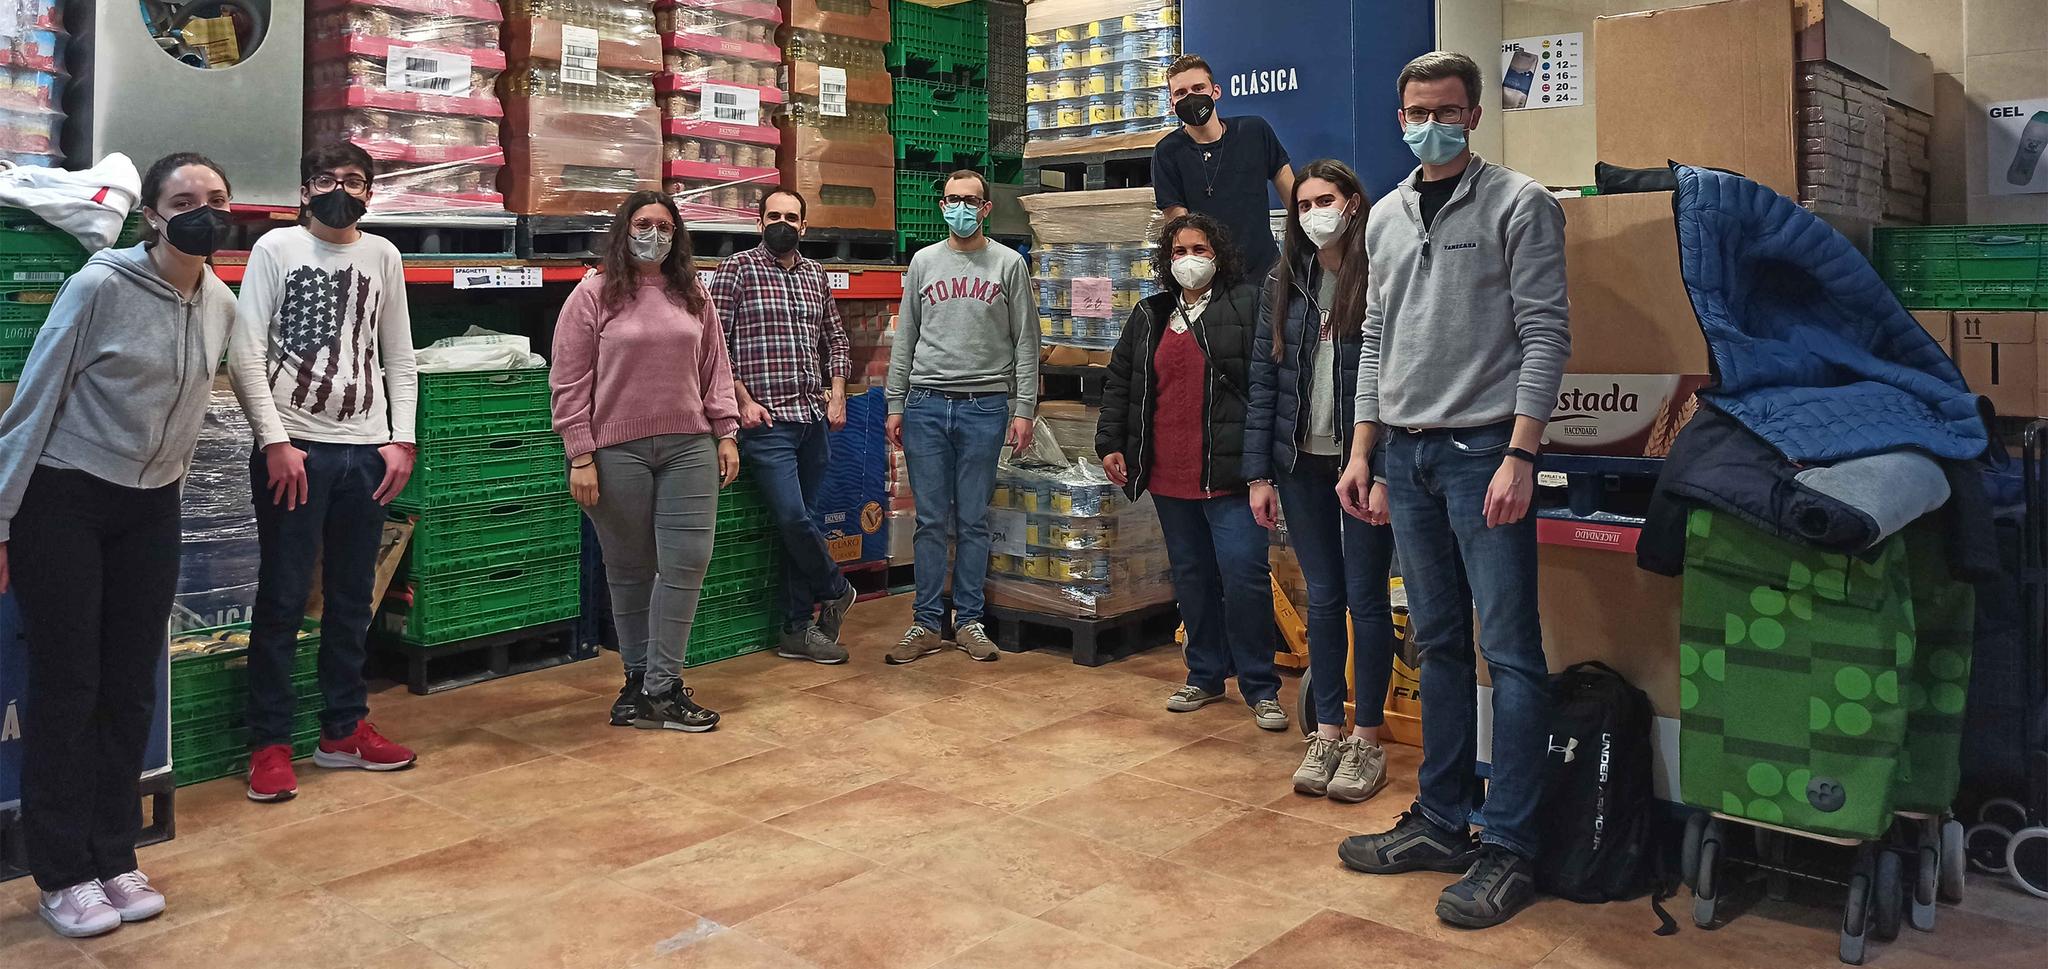 Voluntarios de Joventut Antoniana reponen las estanterías de la sede.